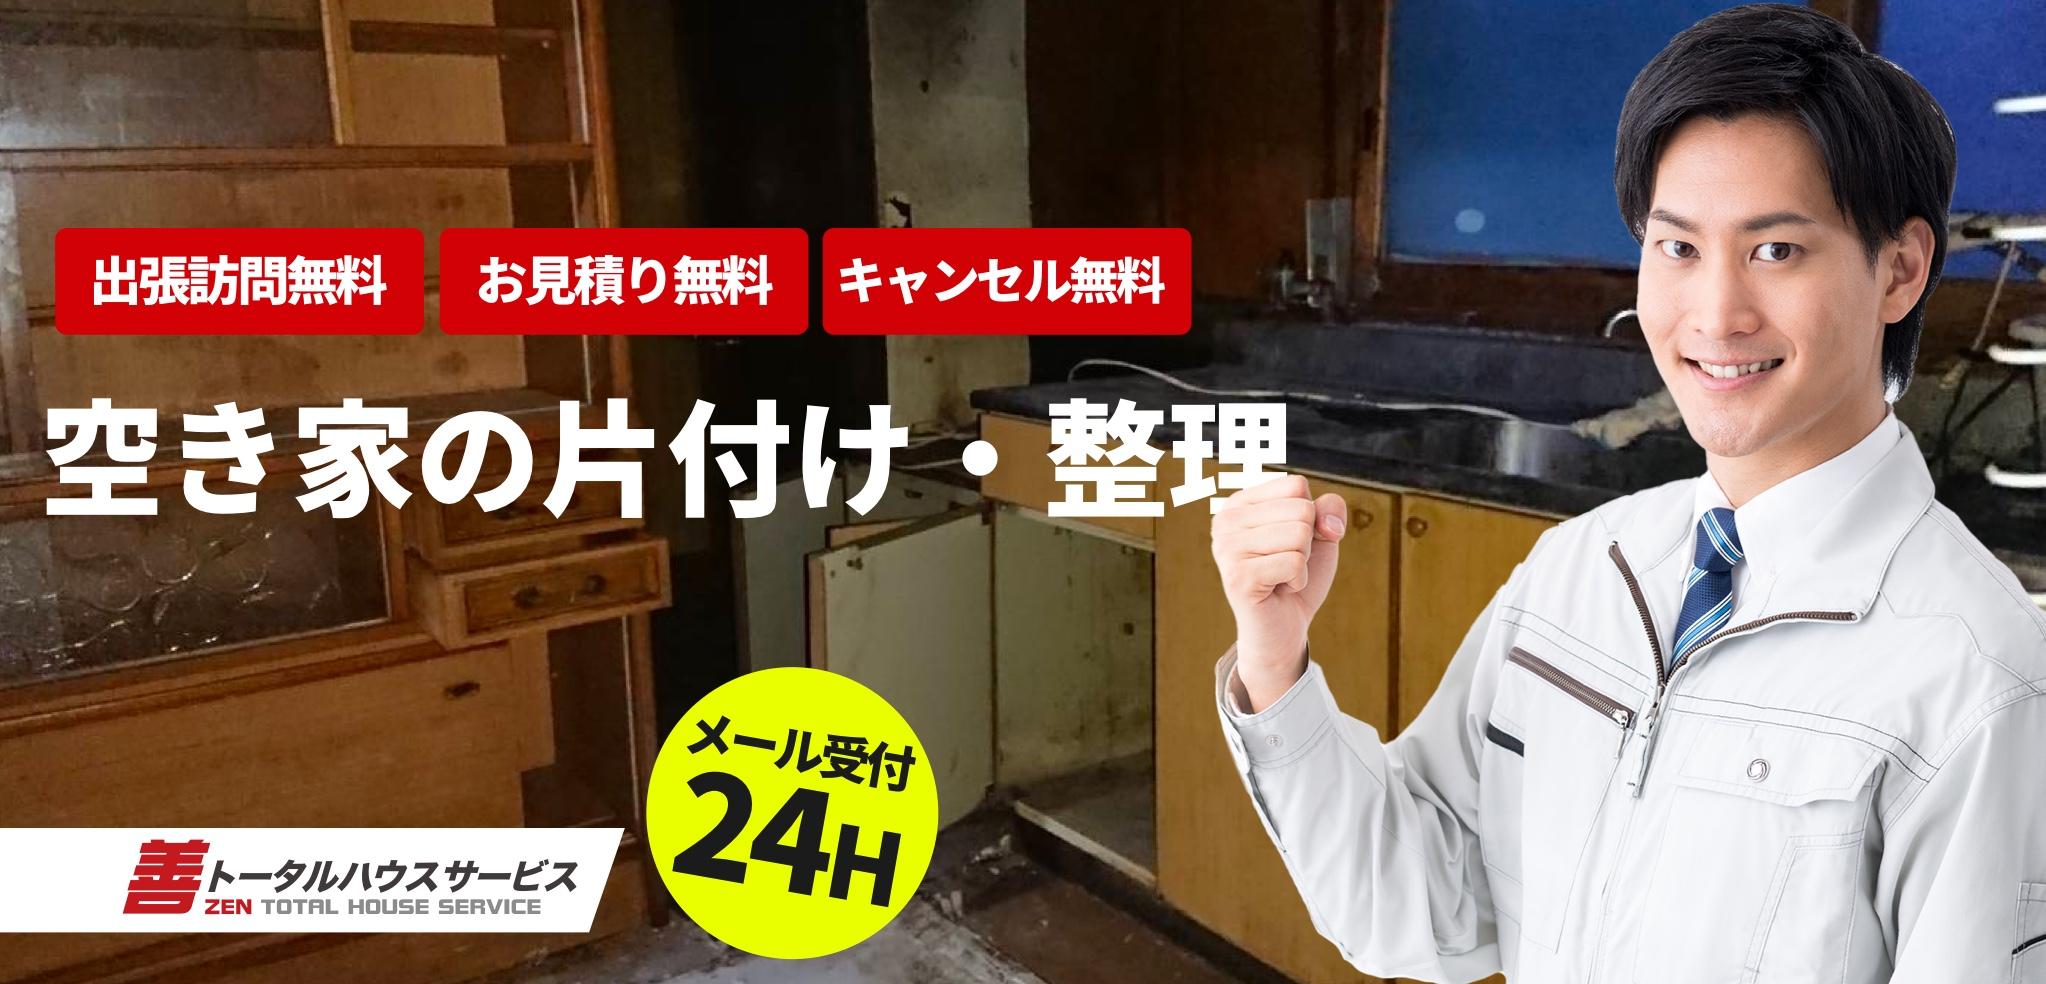 空き家の片付け・空き家の整理 新潟県弥彦村